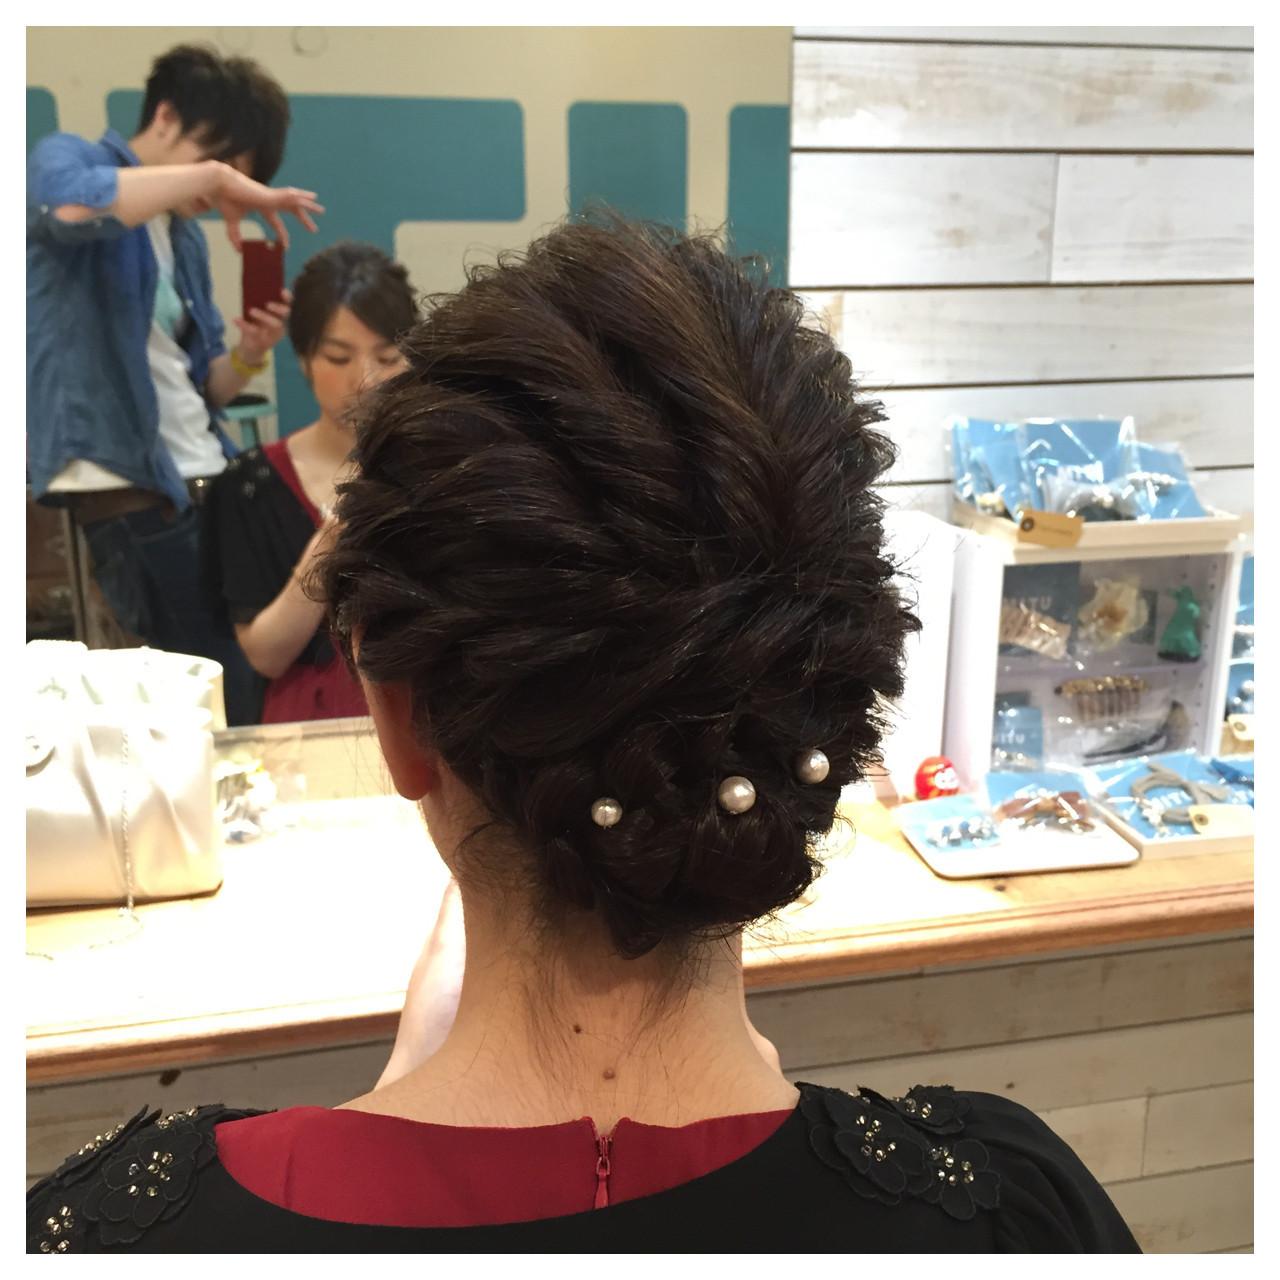 ボブ ねじり 結婚式 編み込み ヘアスタイルや髪型の写真・画像